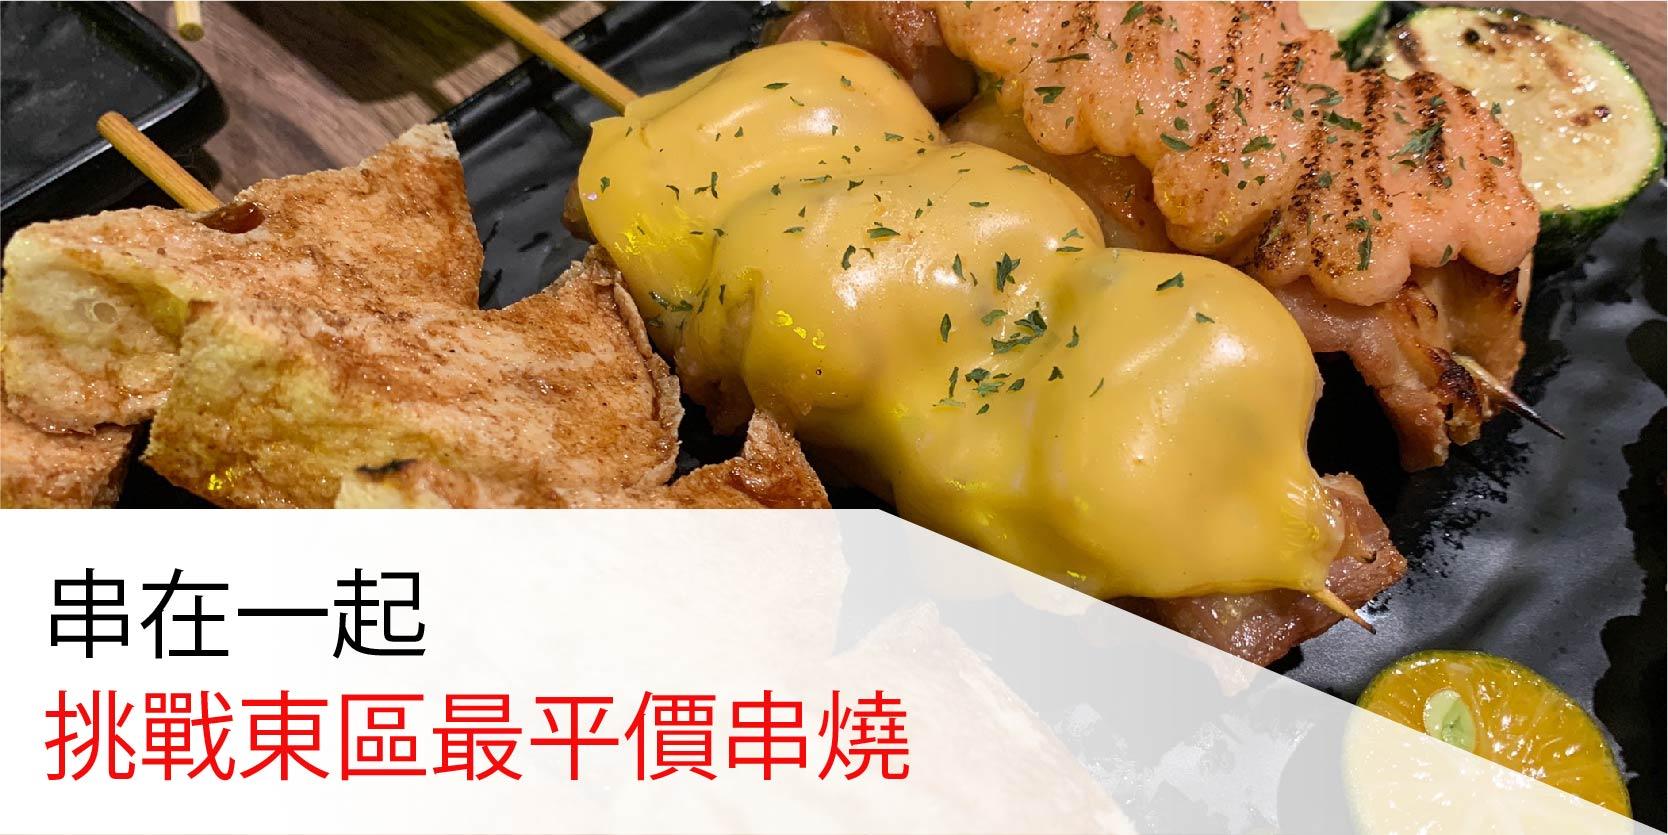 台北美食-串在一起 挑戰東區最平價串燒